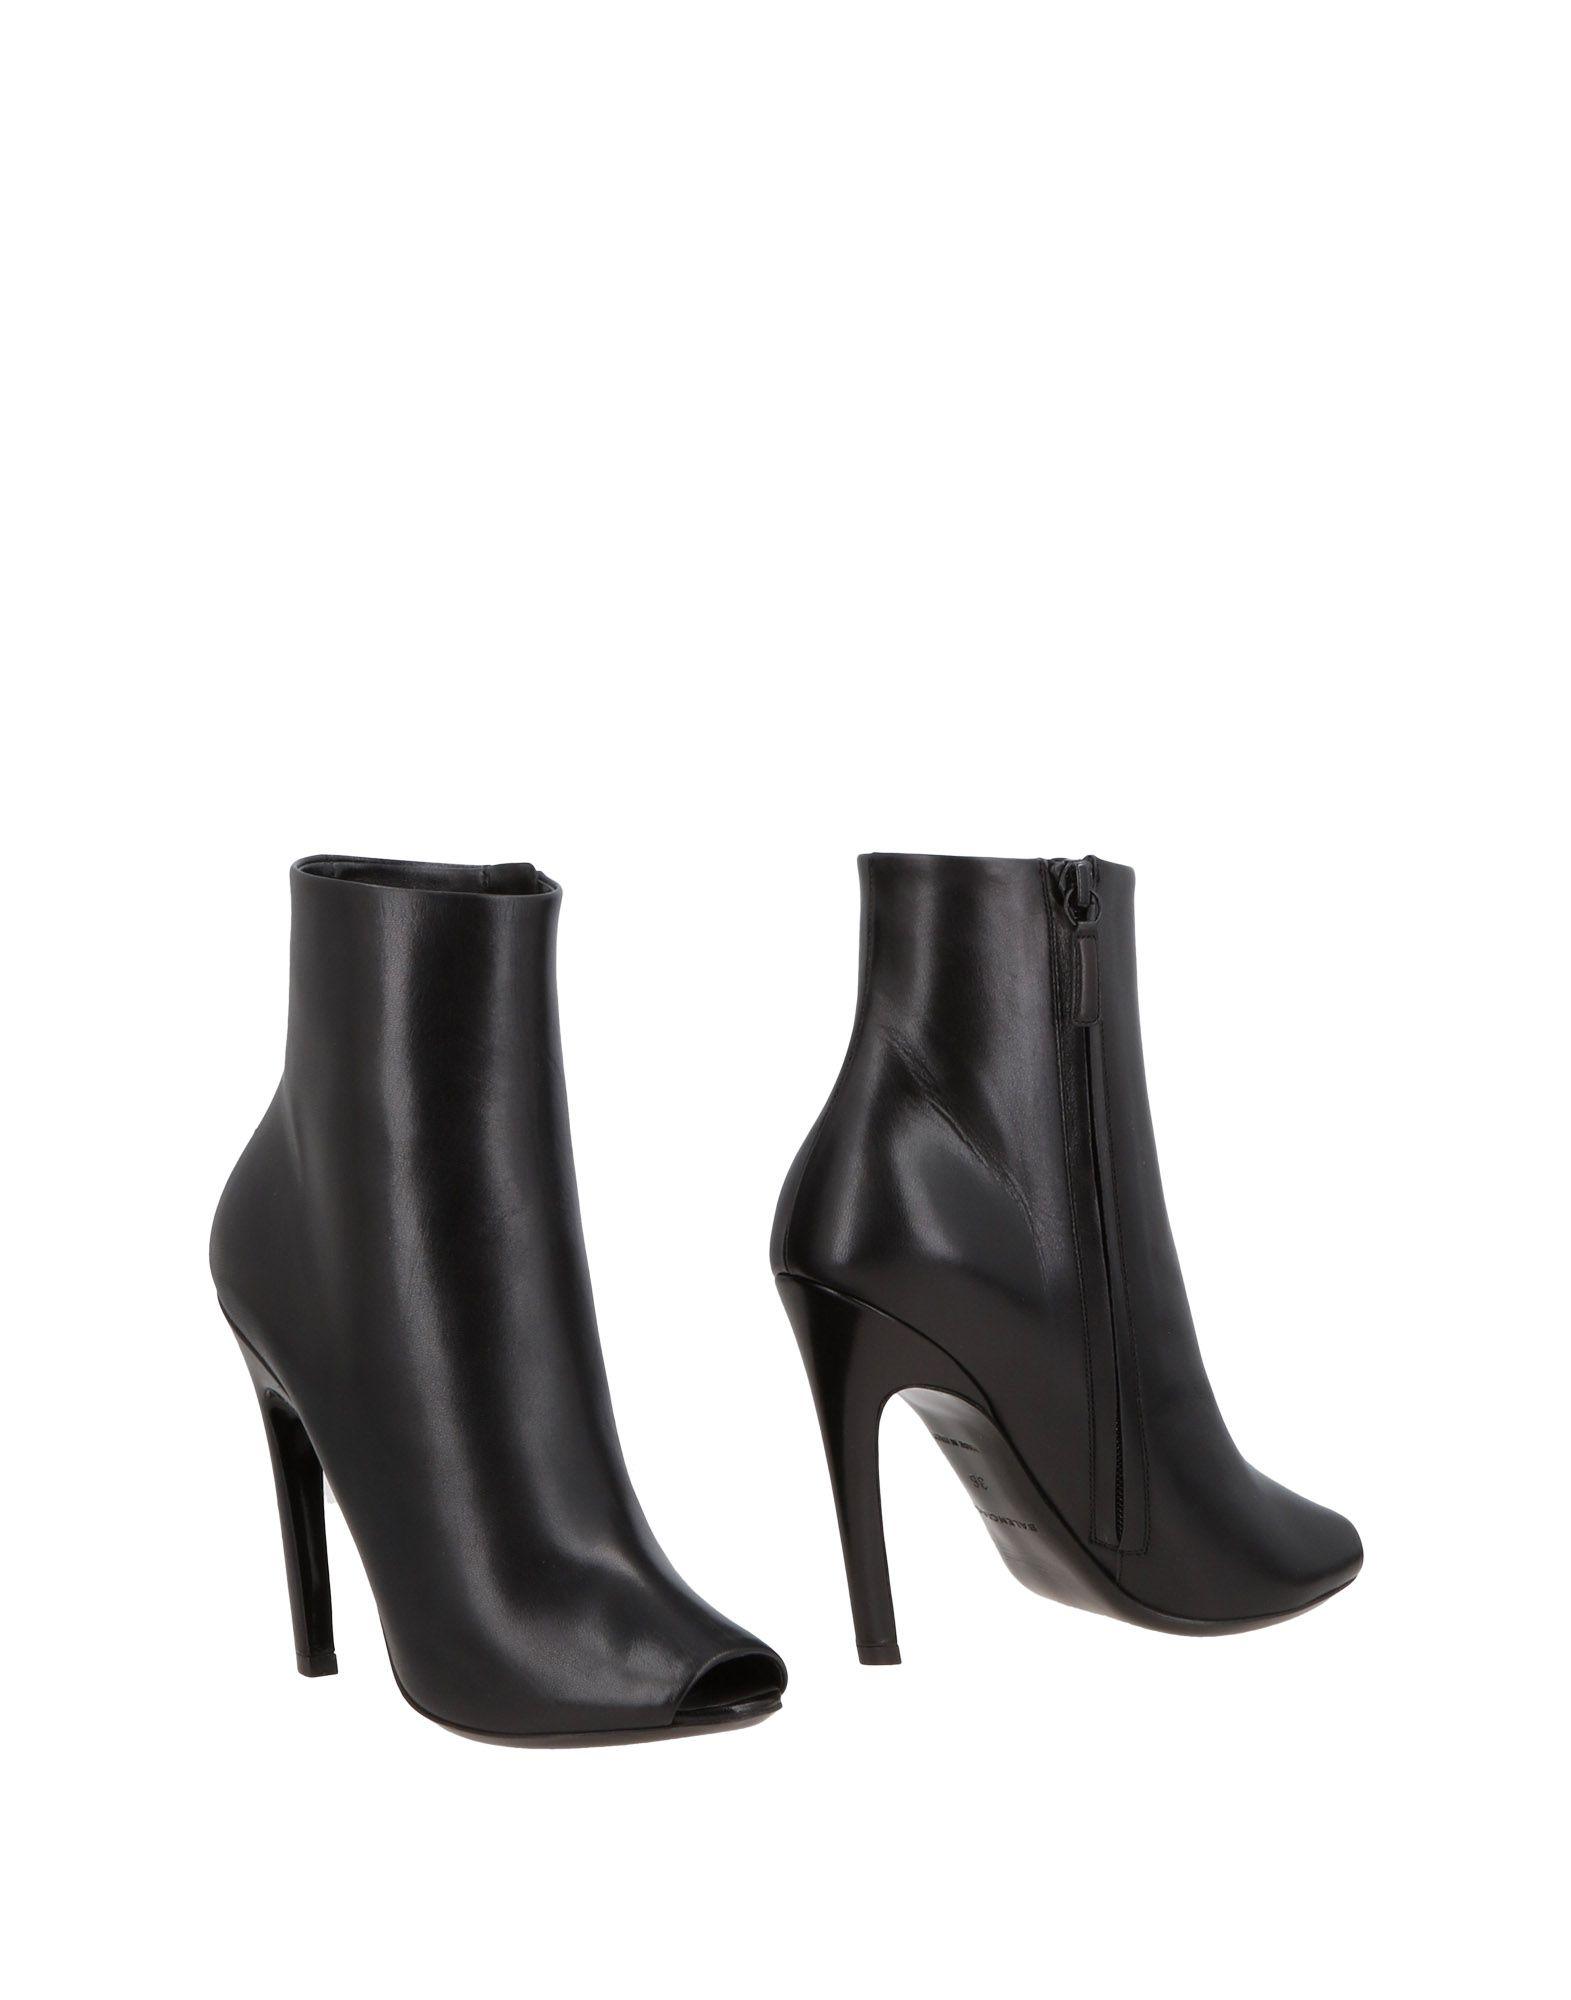 Balenciaga Balenciaga Ankle Boot - Women Balenciaga Balenciaga Ankle Boots online on  United Kingdom - 11495569MF 264dc3